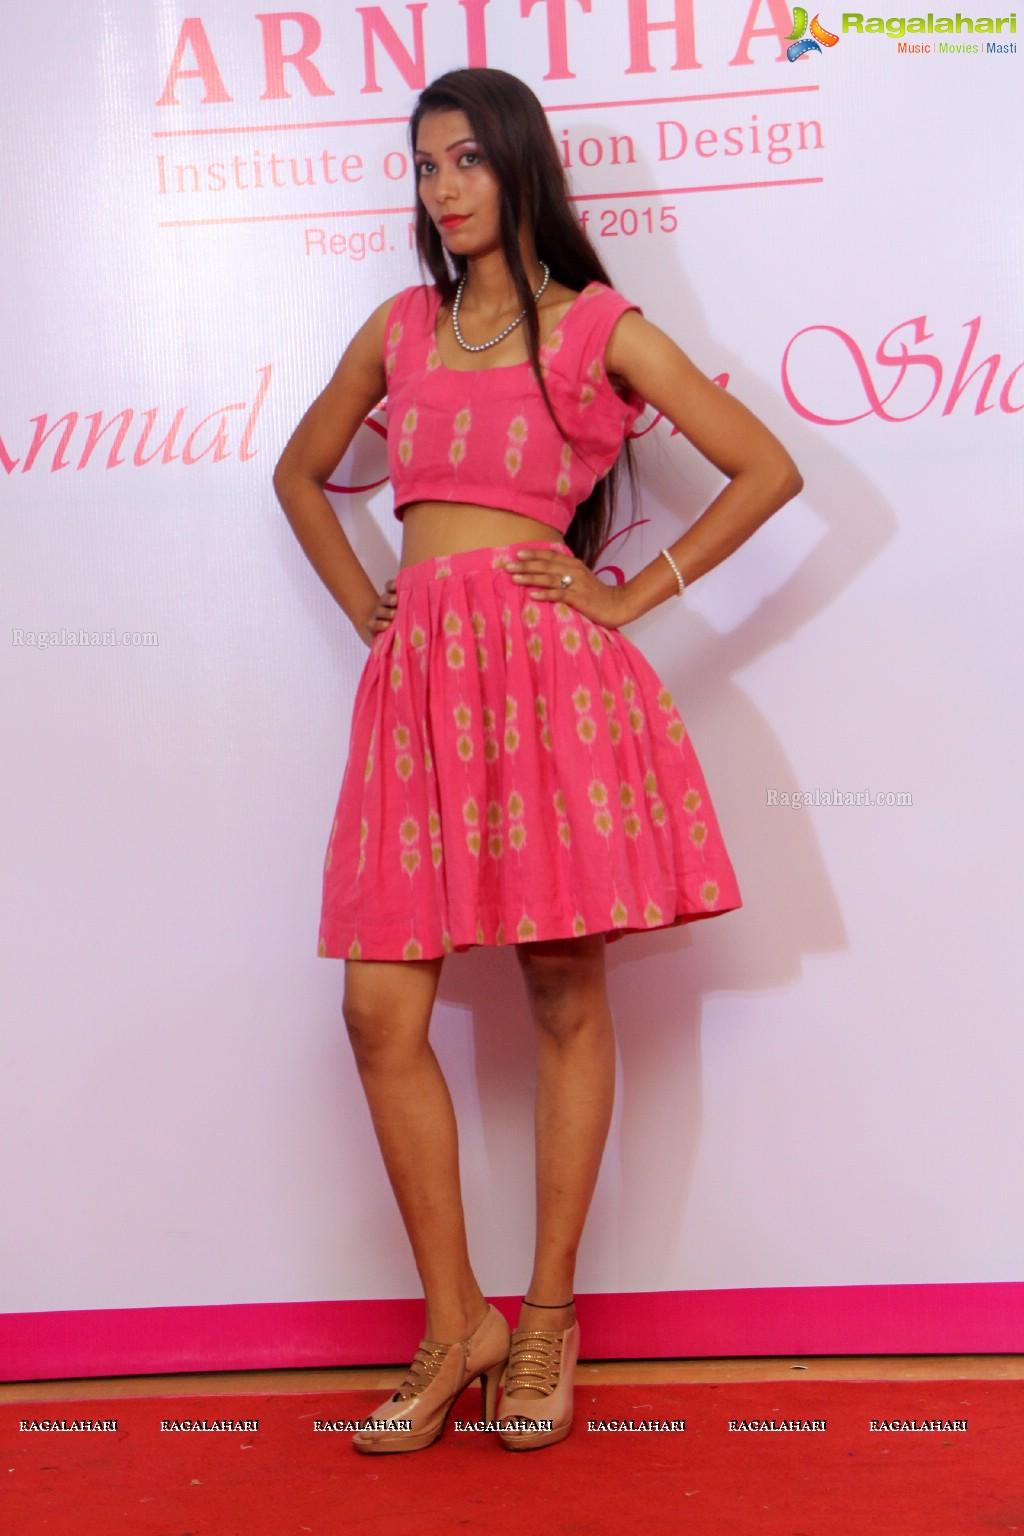 Sasmira institute of fashion designing 88